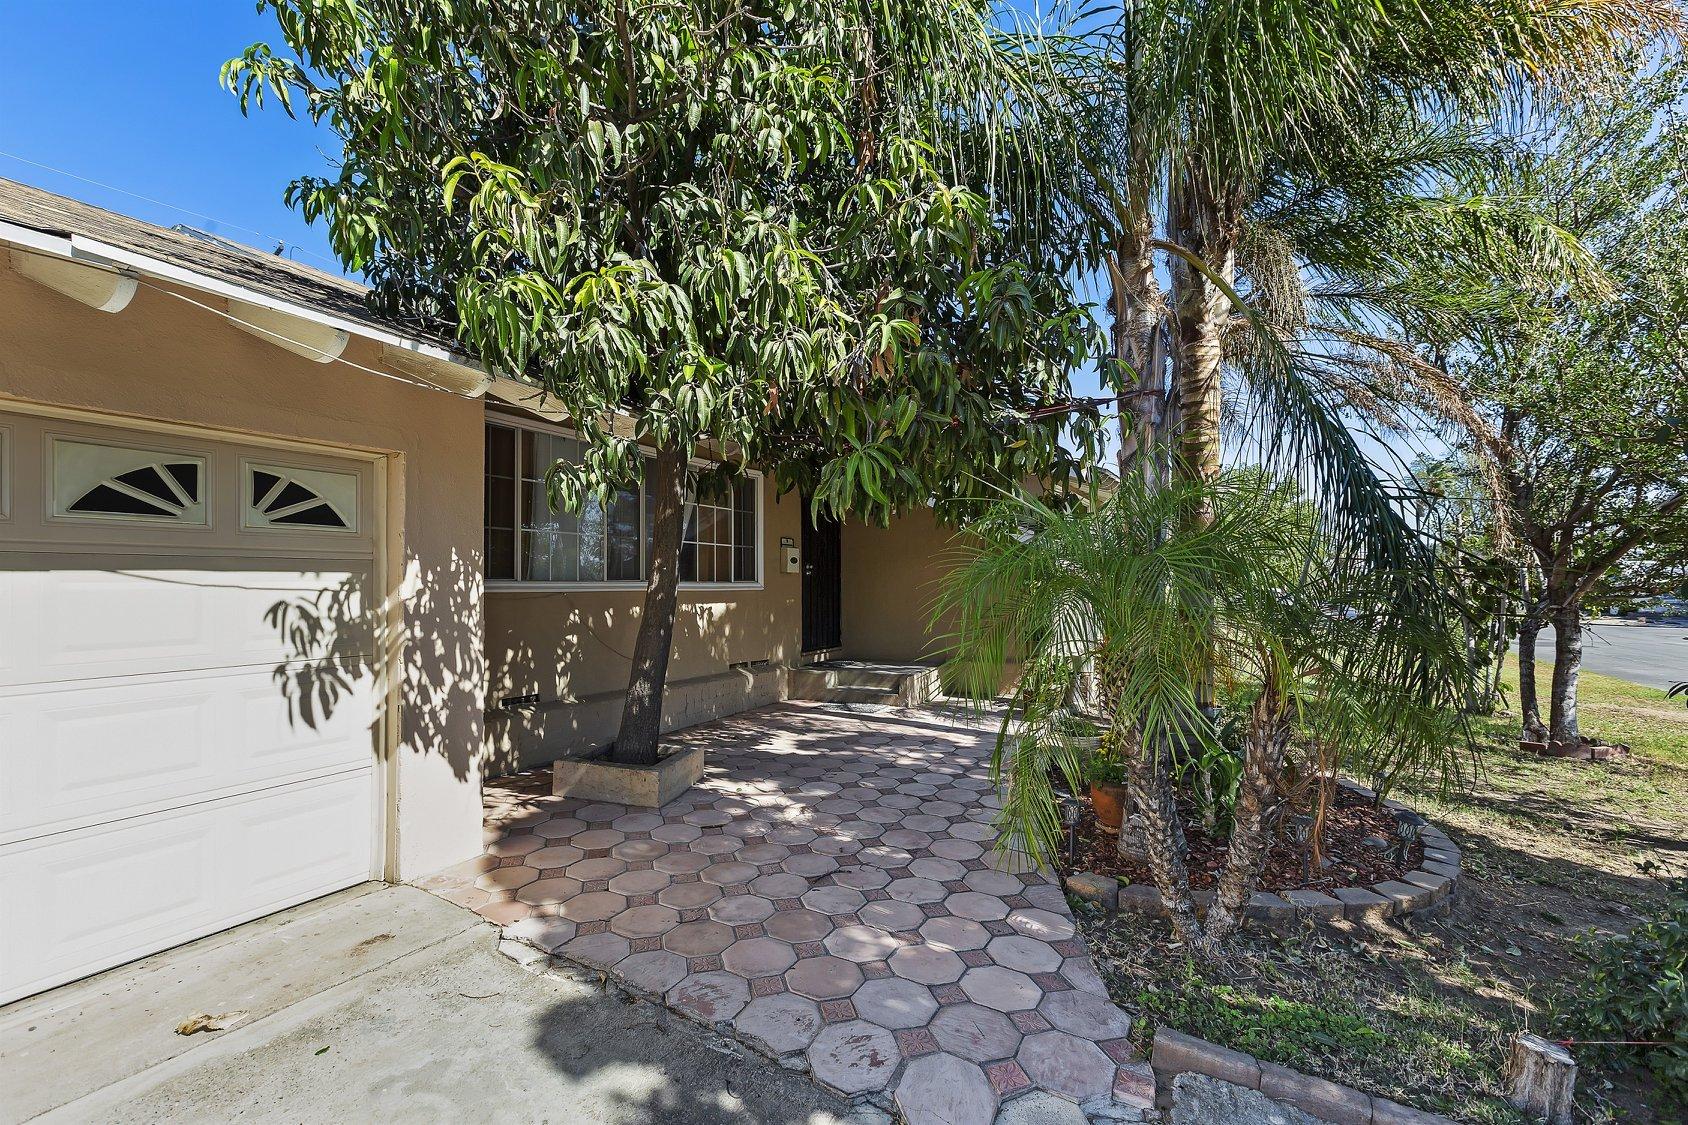 410 W. Morgan Street, Rialto CA